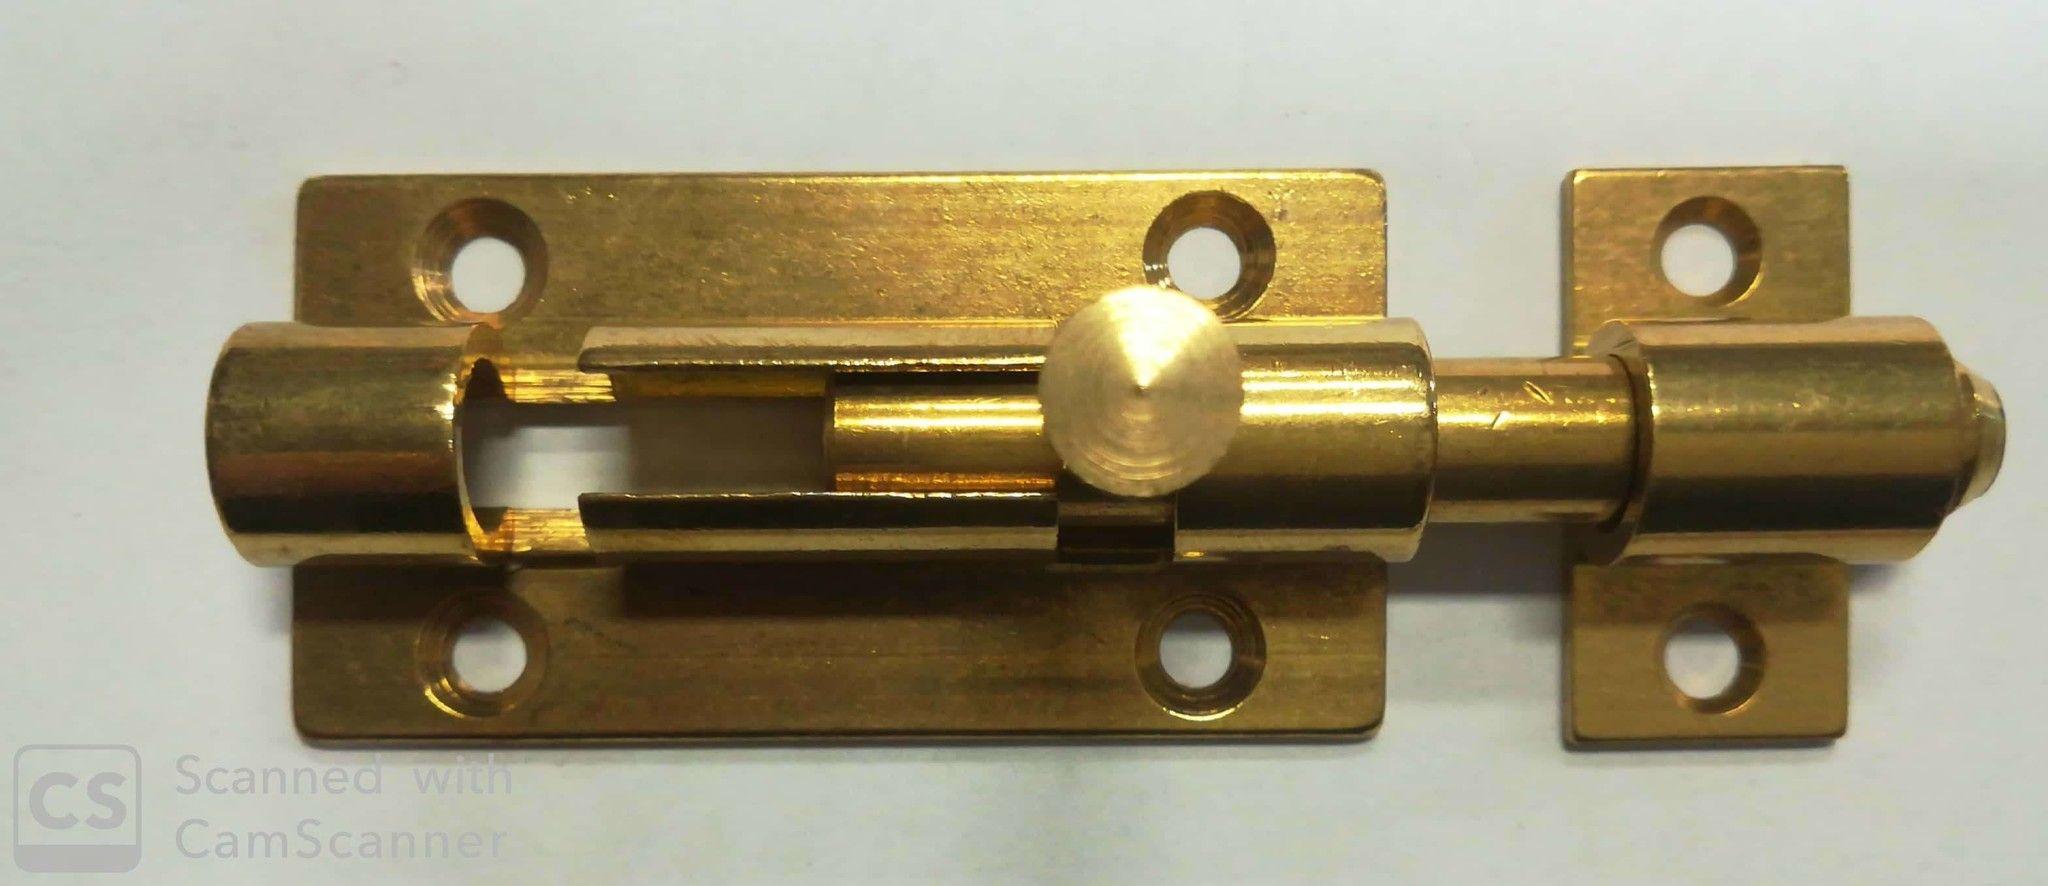 Catenacciolo ottone mm 60+15 asta tonda con fermo